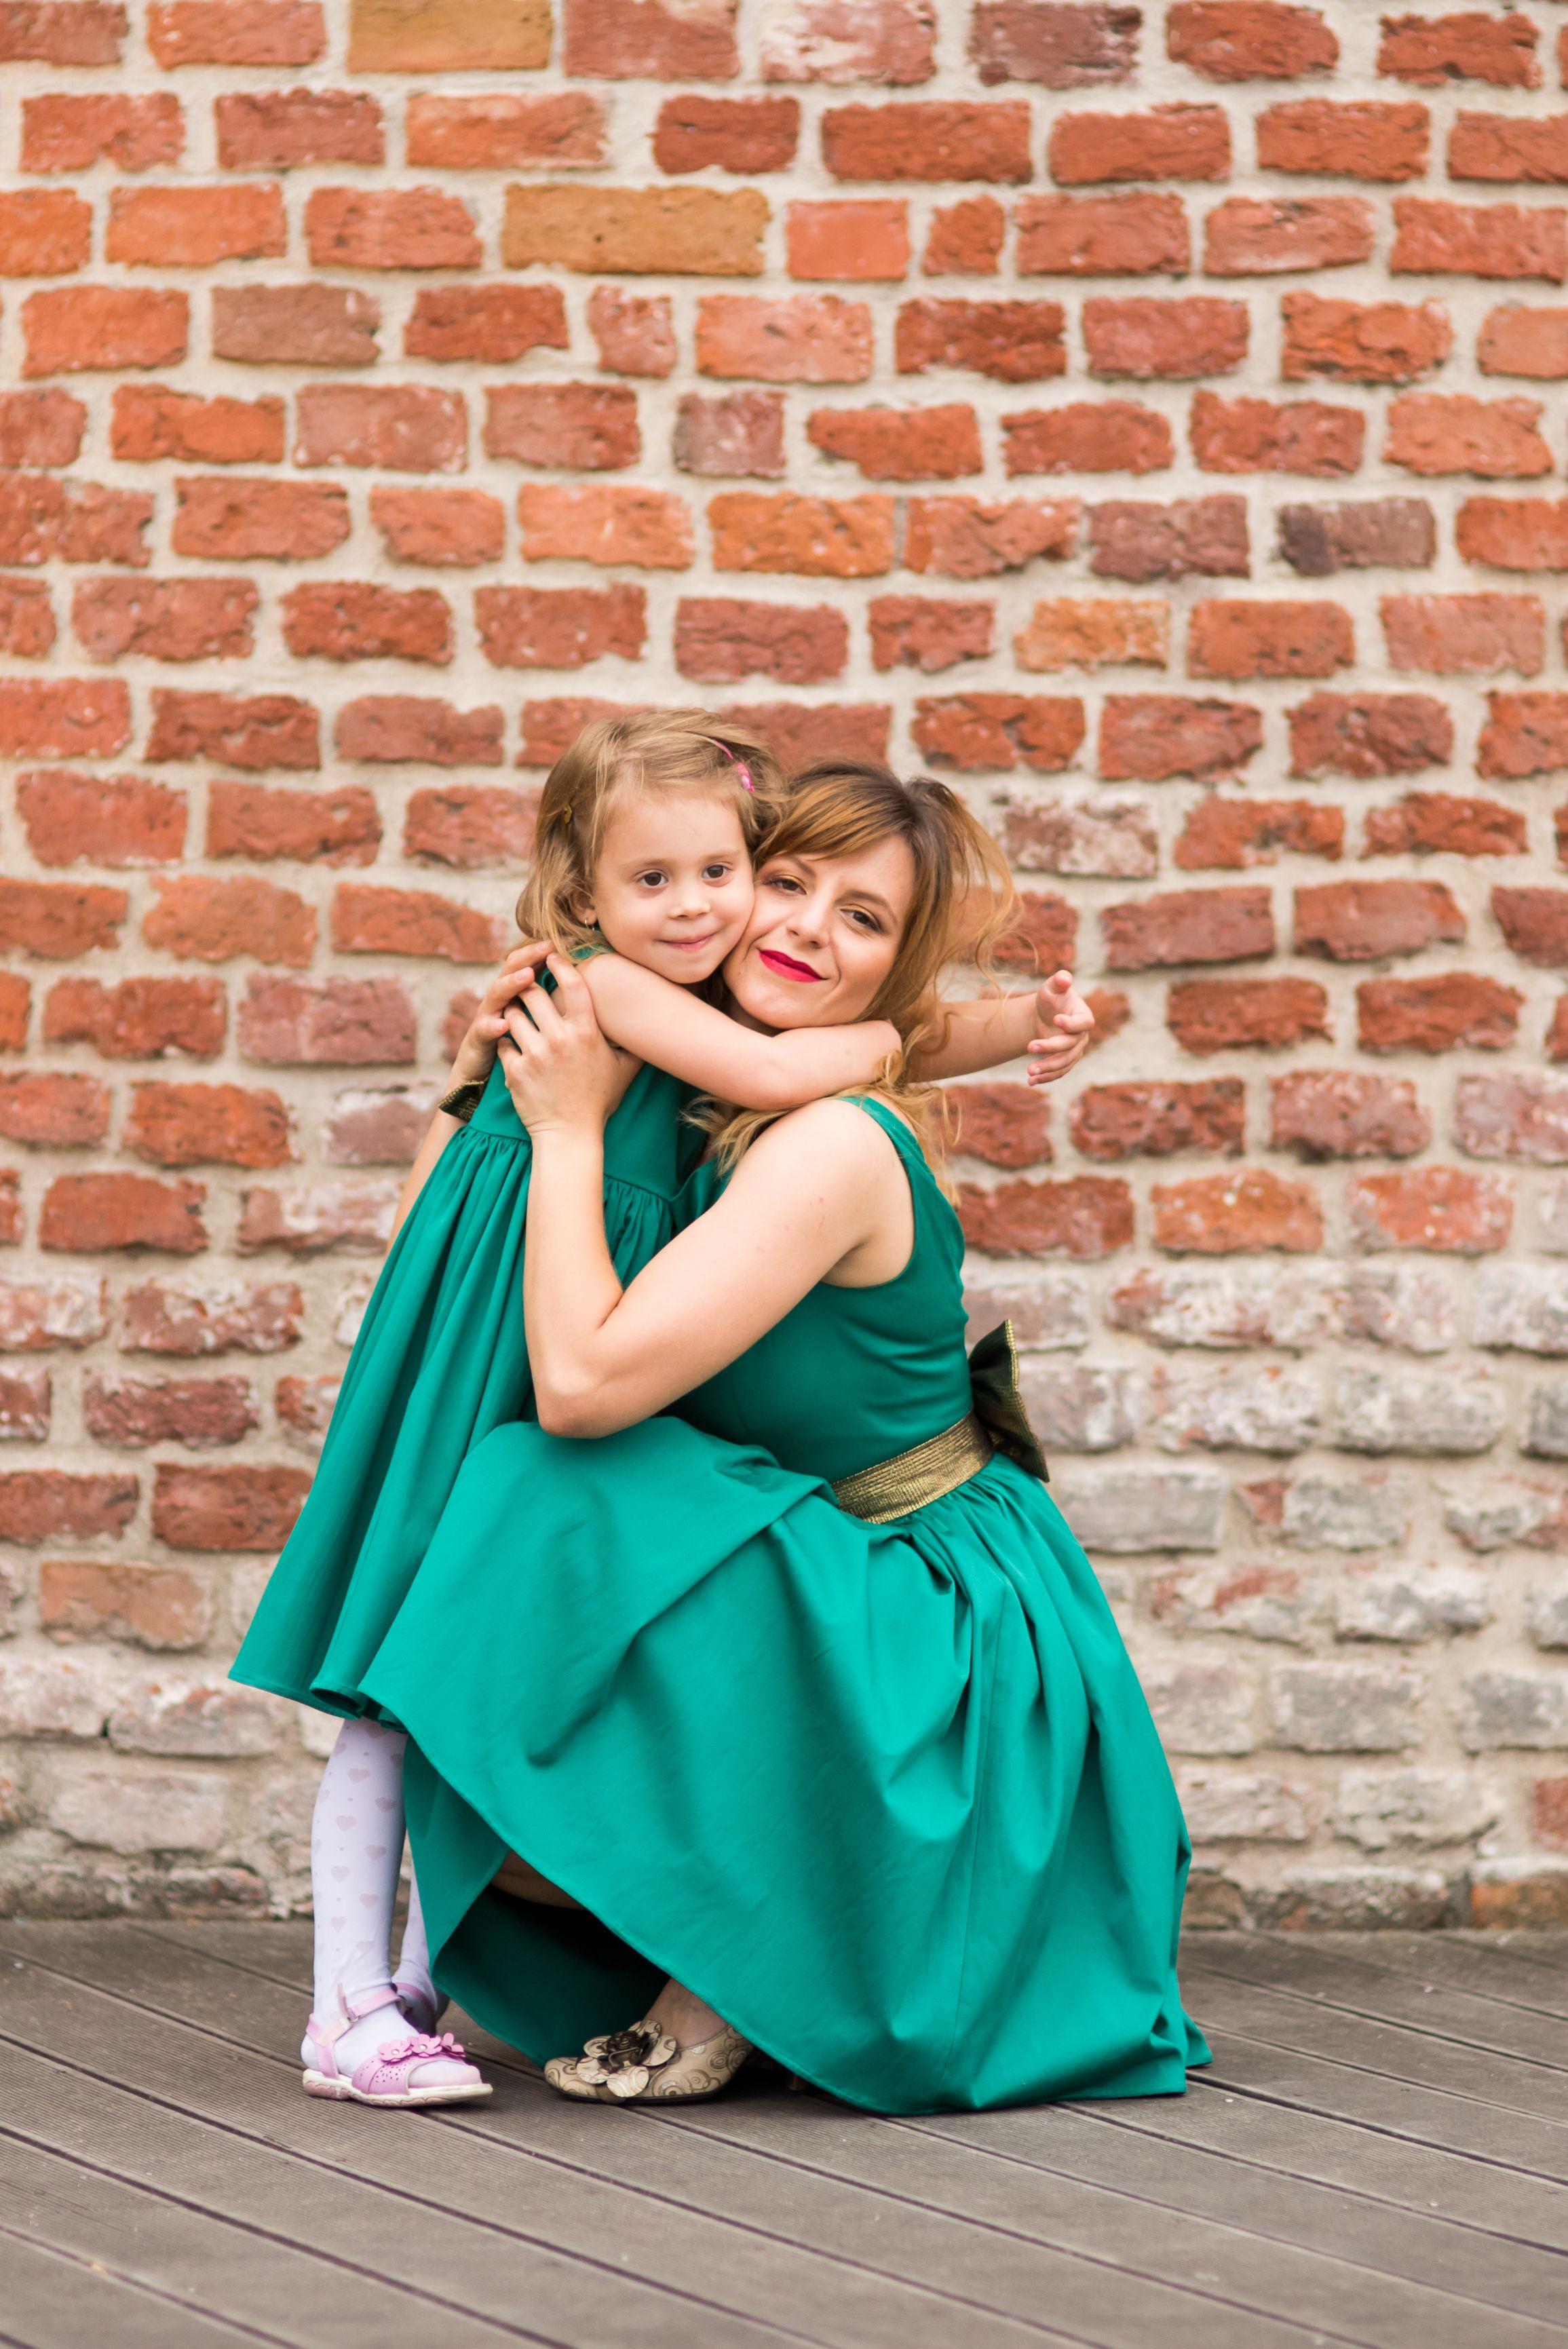 99269c25da Rochii turcoaz pentru mama si fiica